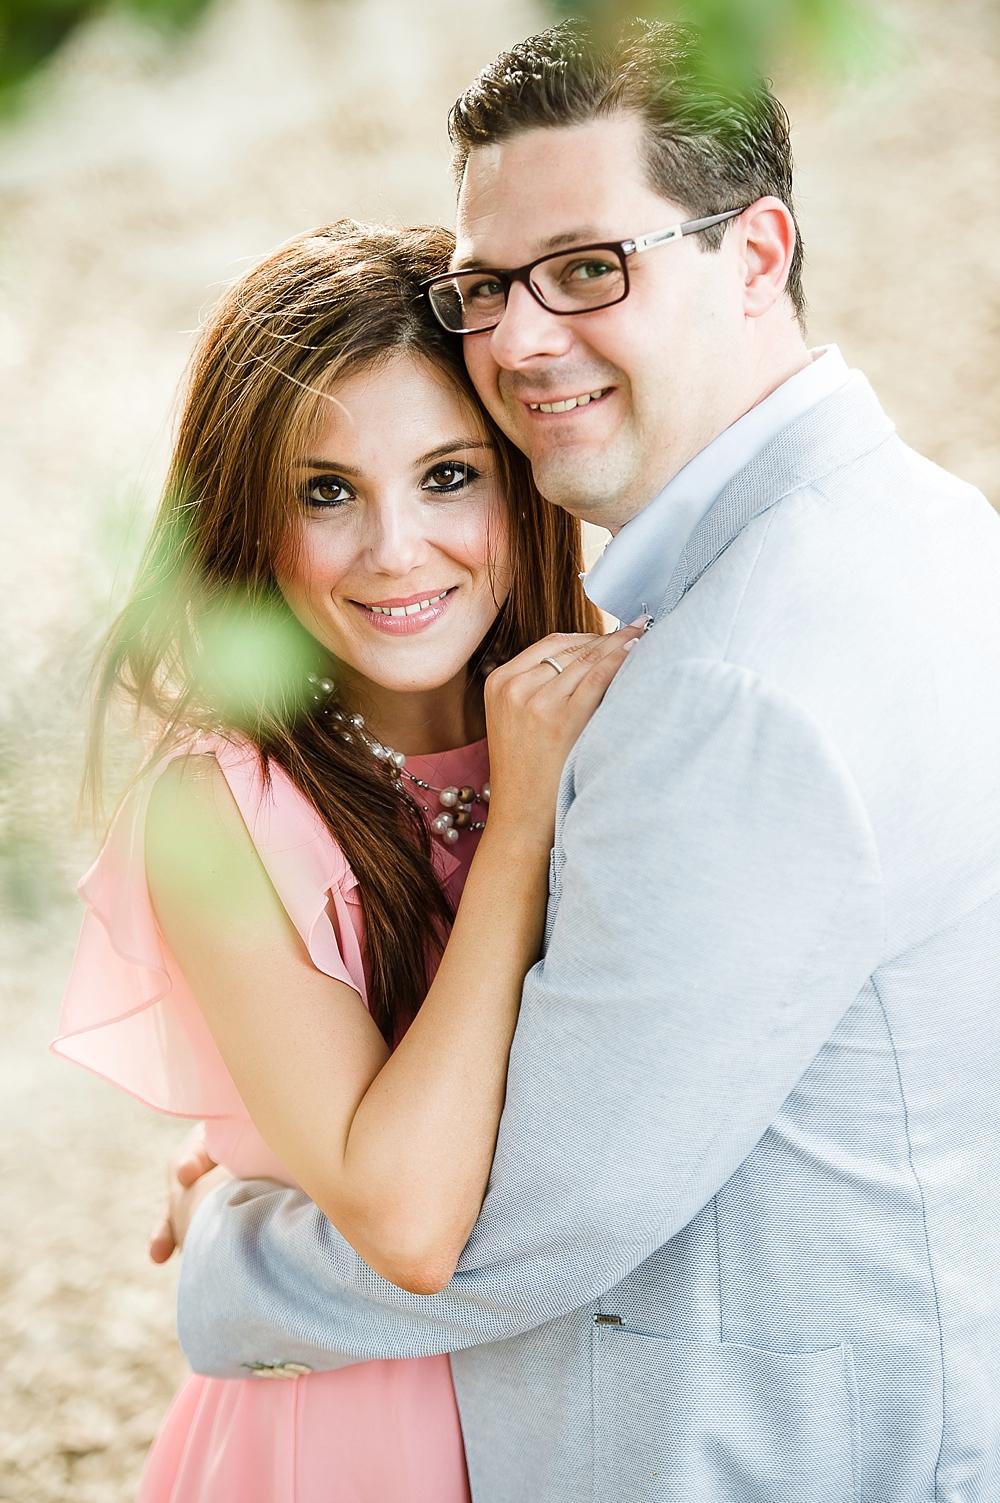 Jeanette&Mark_0006.jpg